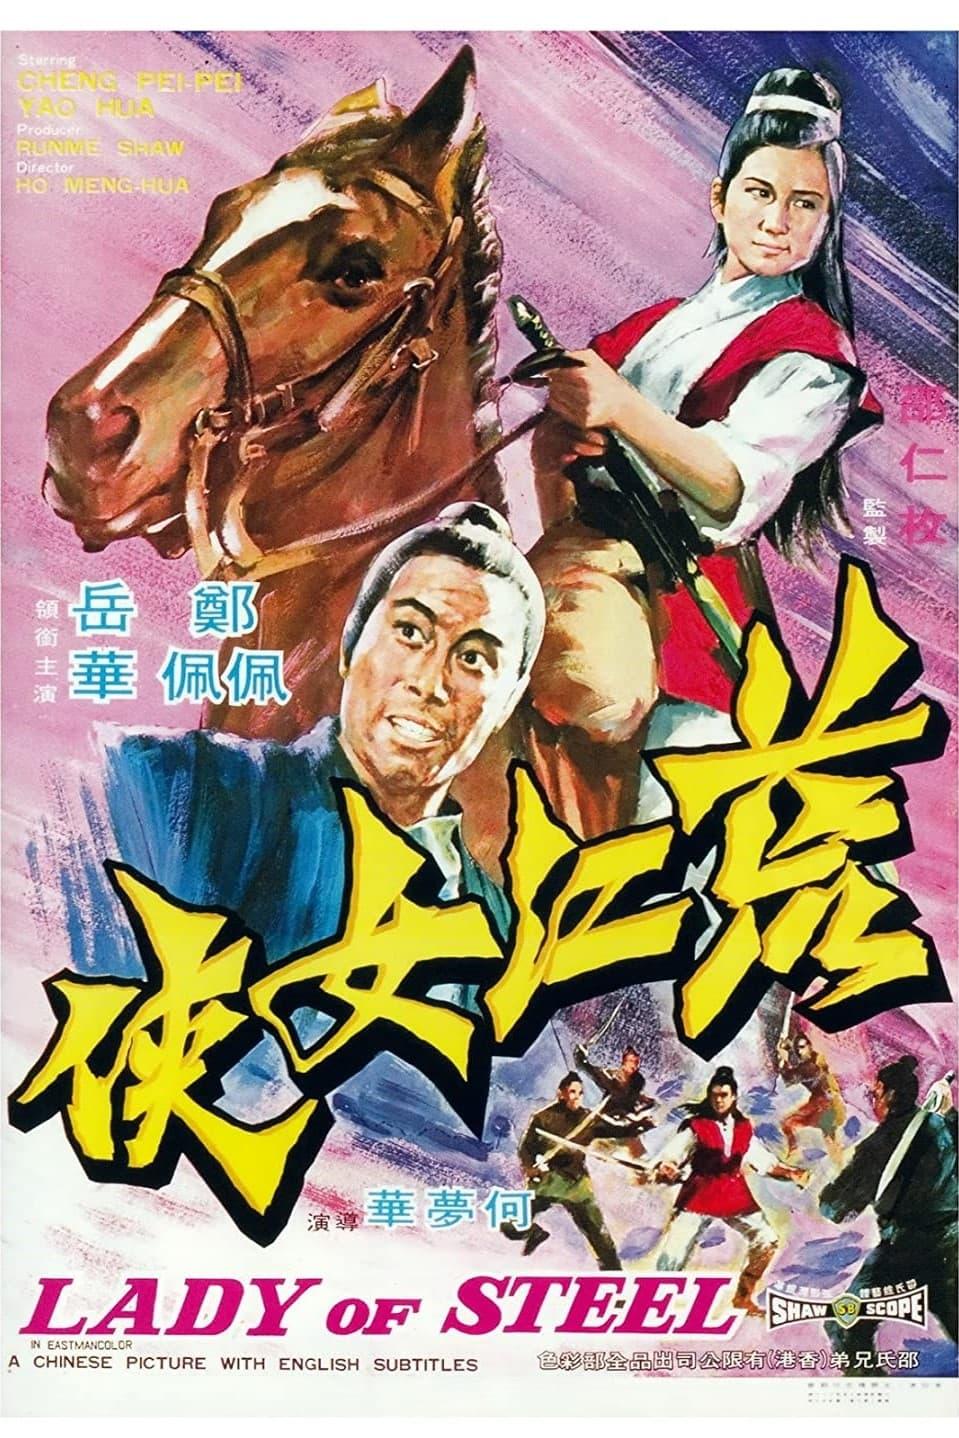 Lady of Steel